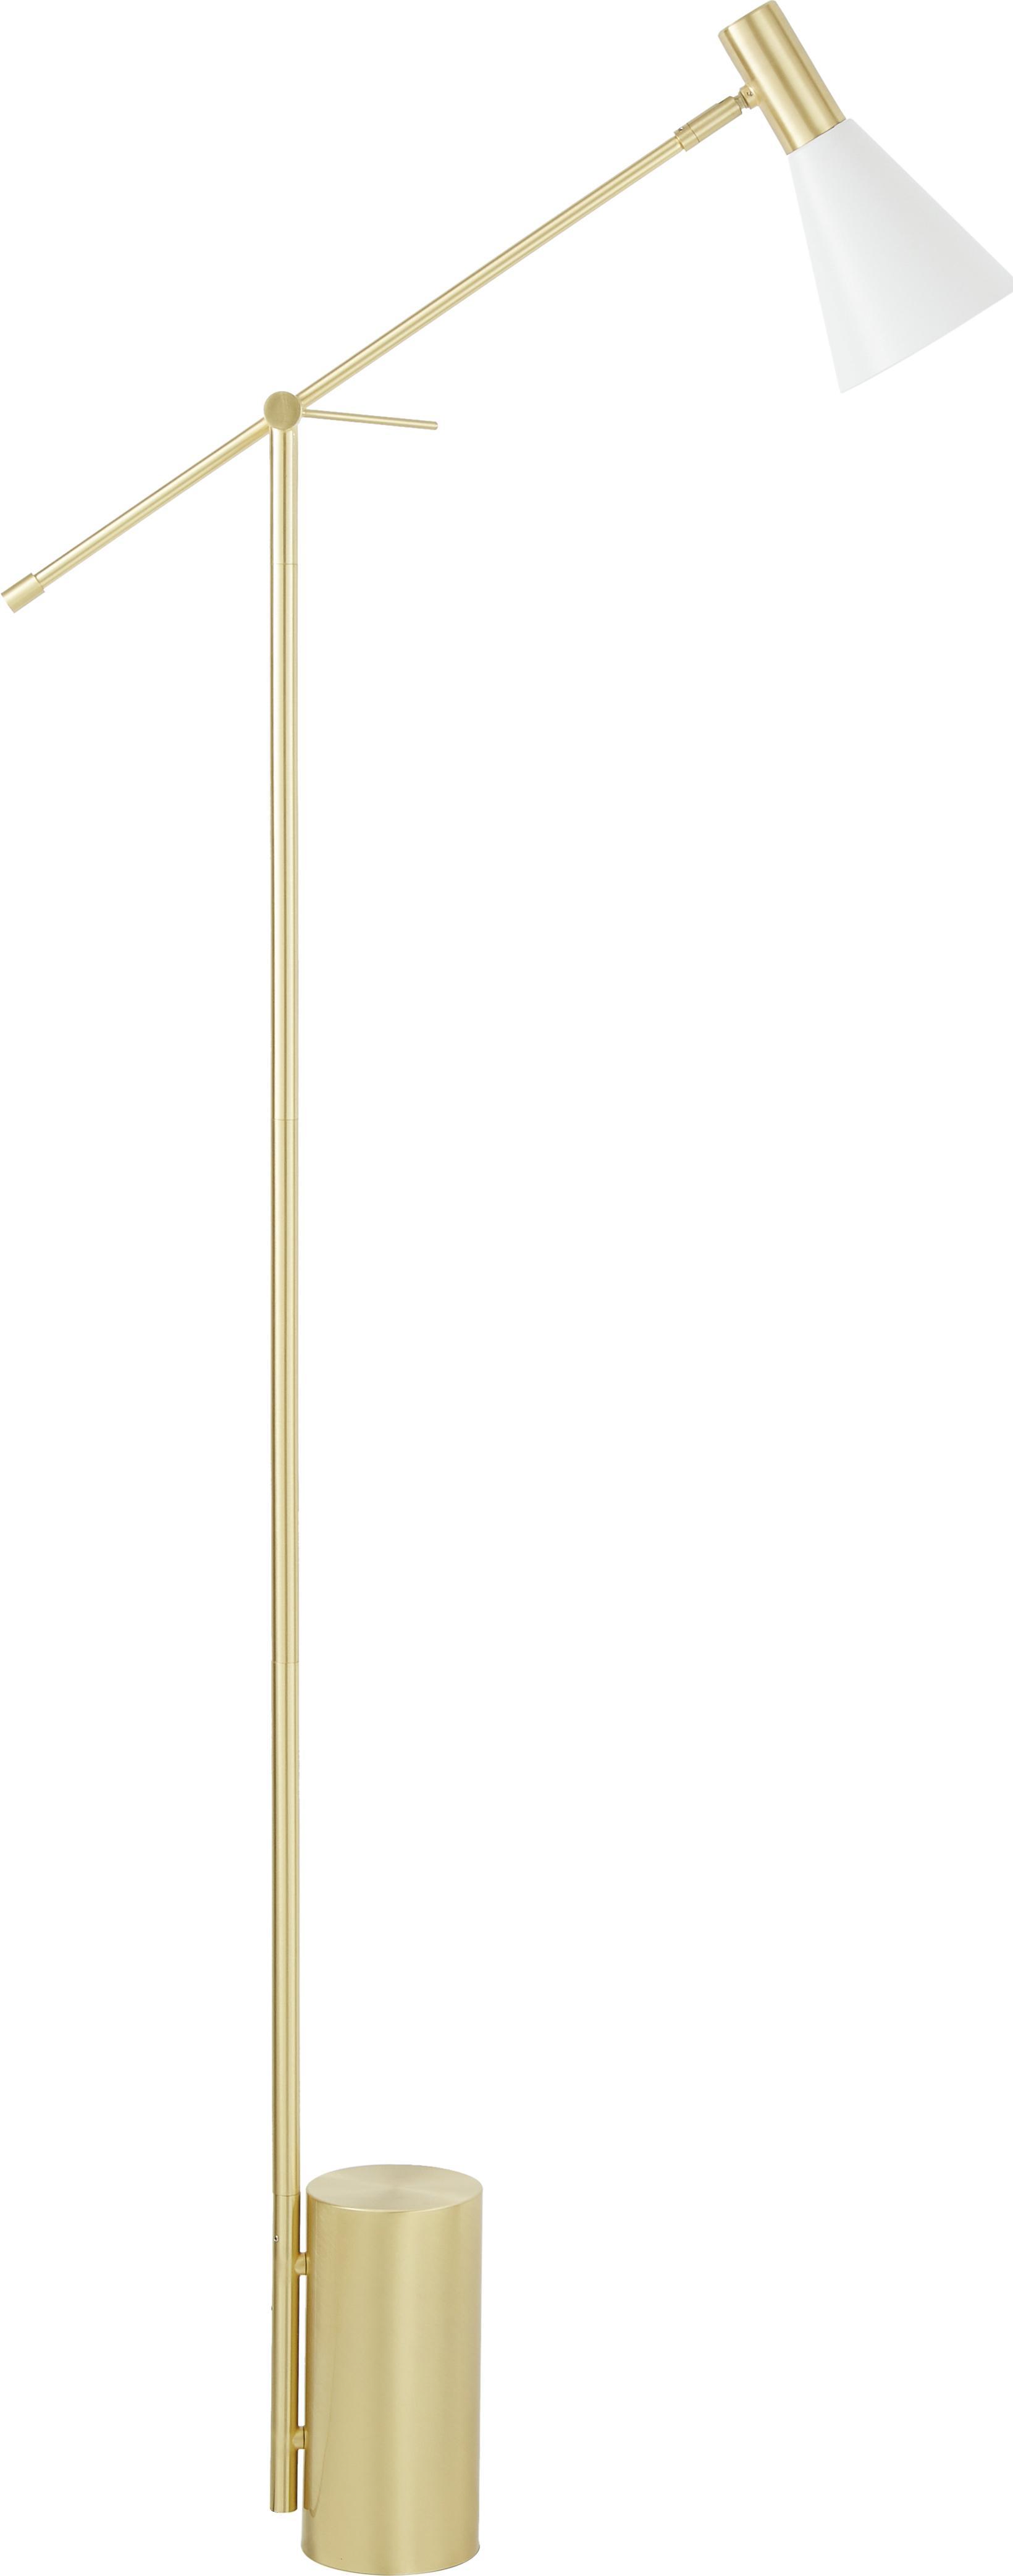 Lámpara de pie Sia, estilo retro, Cable: cubierto en tela, Latón, Ø 14 x Al 162 cm